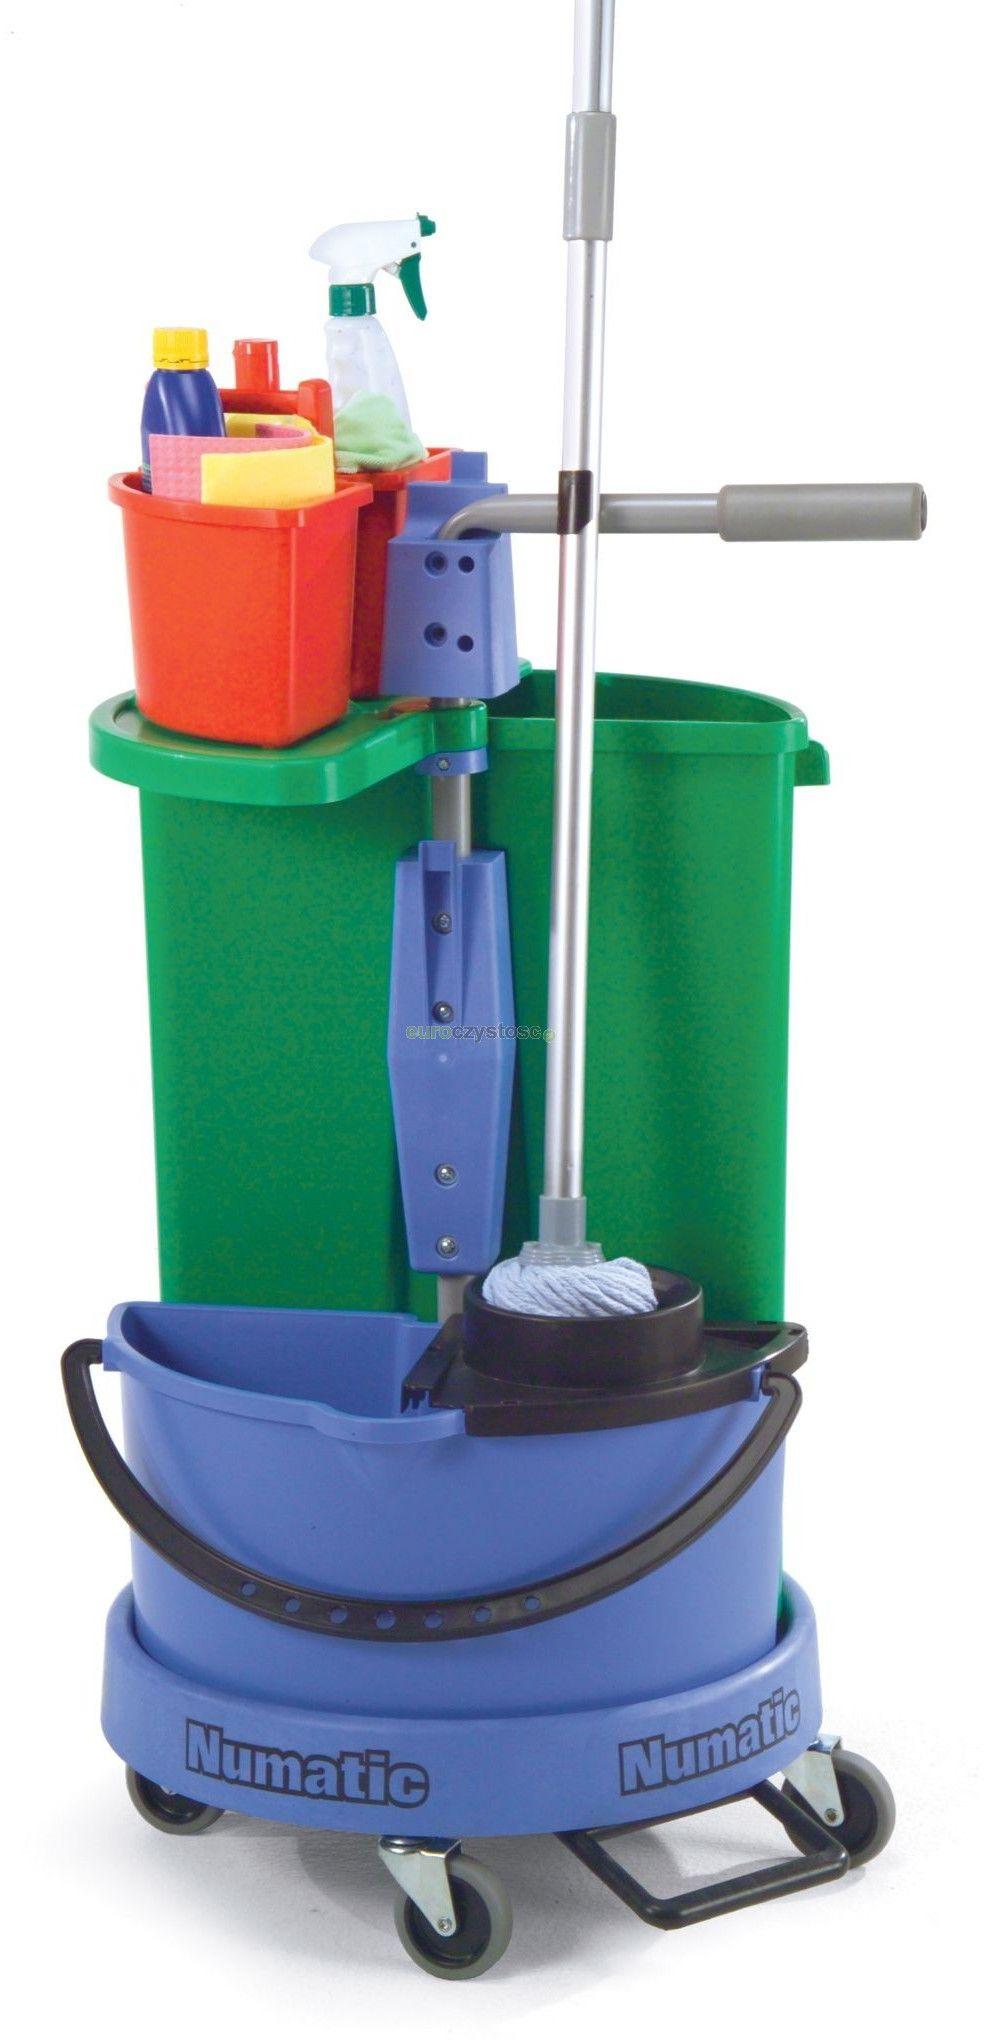 Numatic NC 1 - wózek do sprzątania